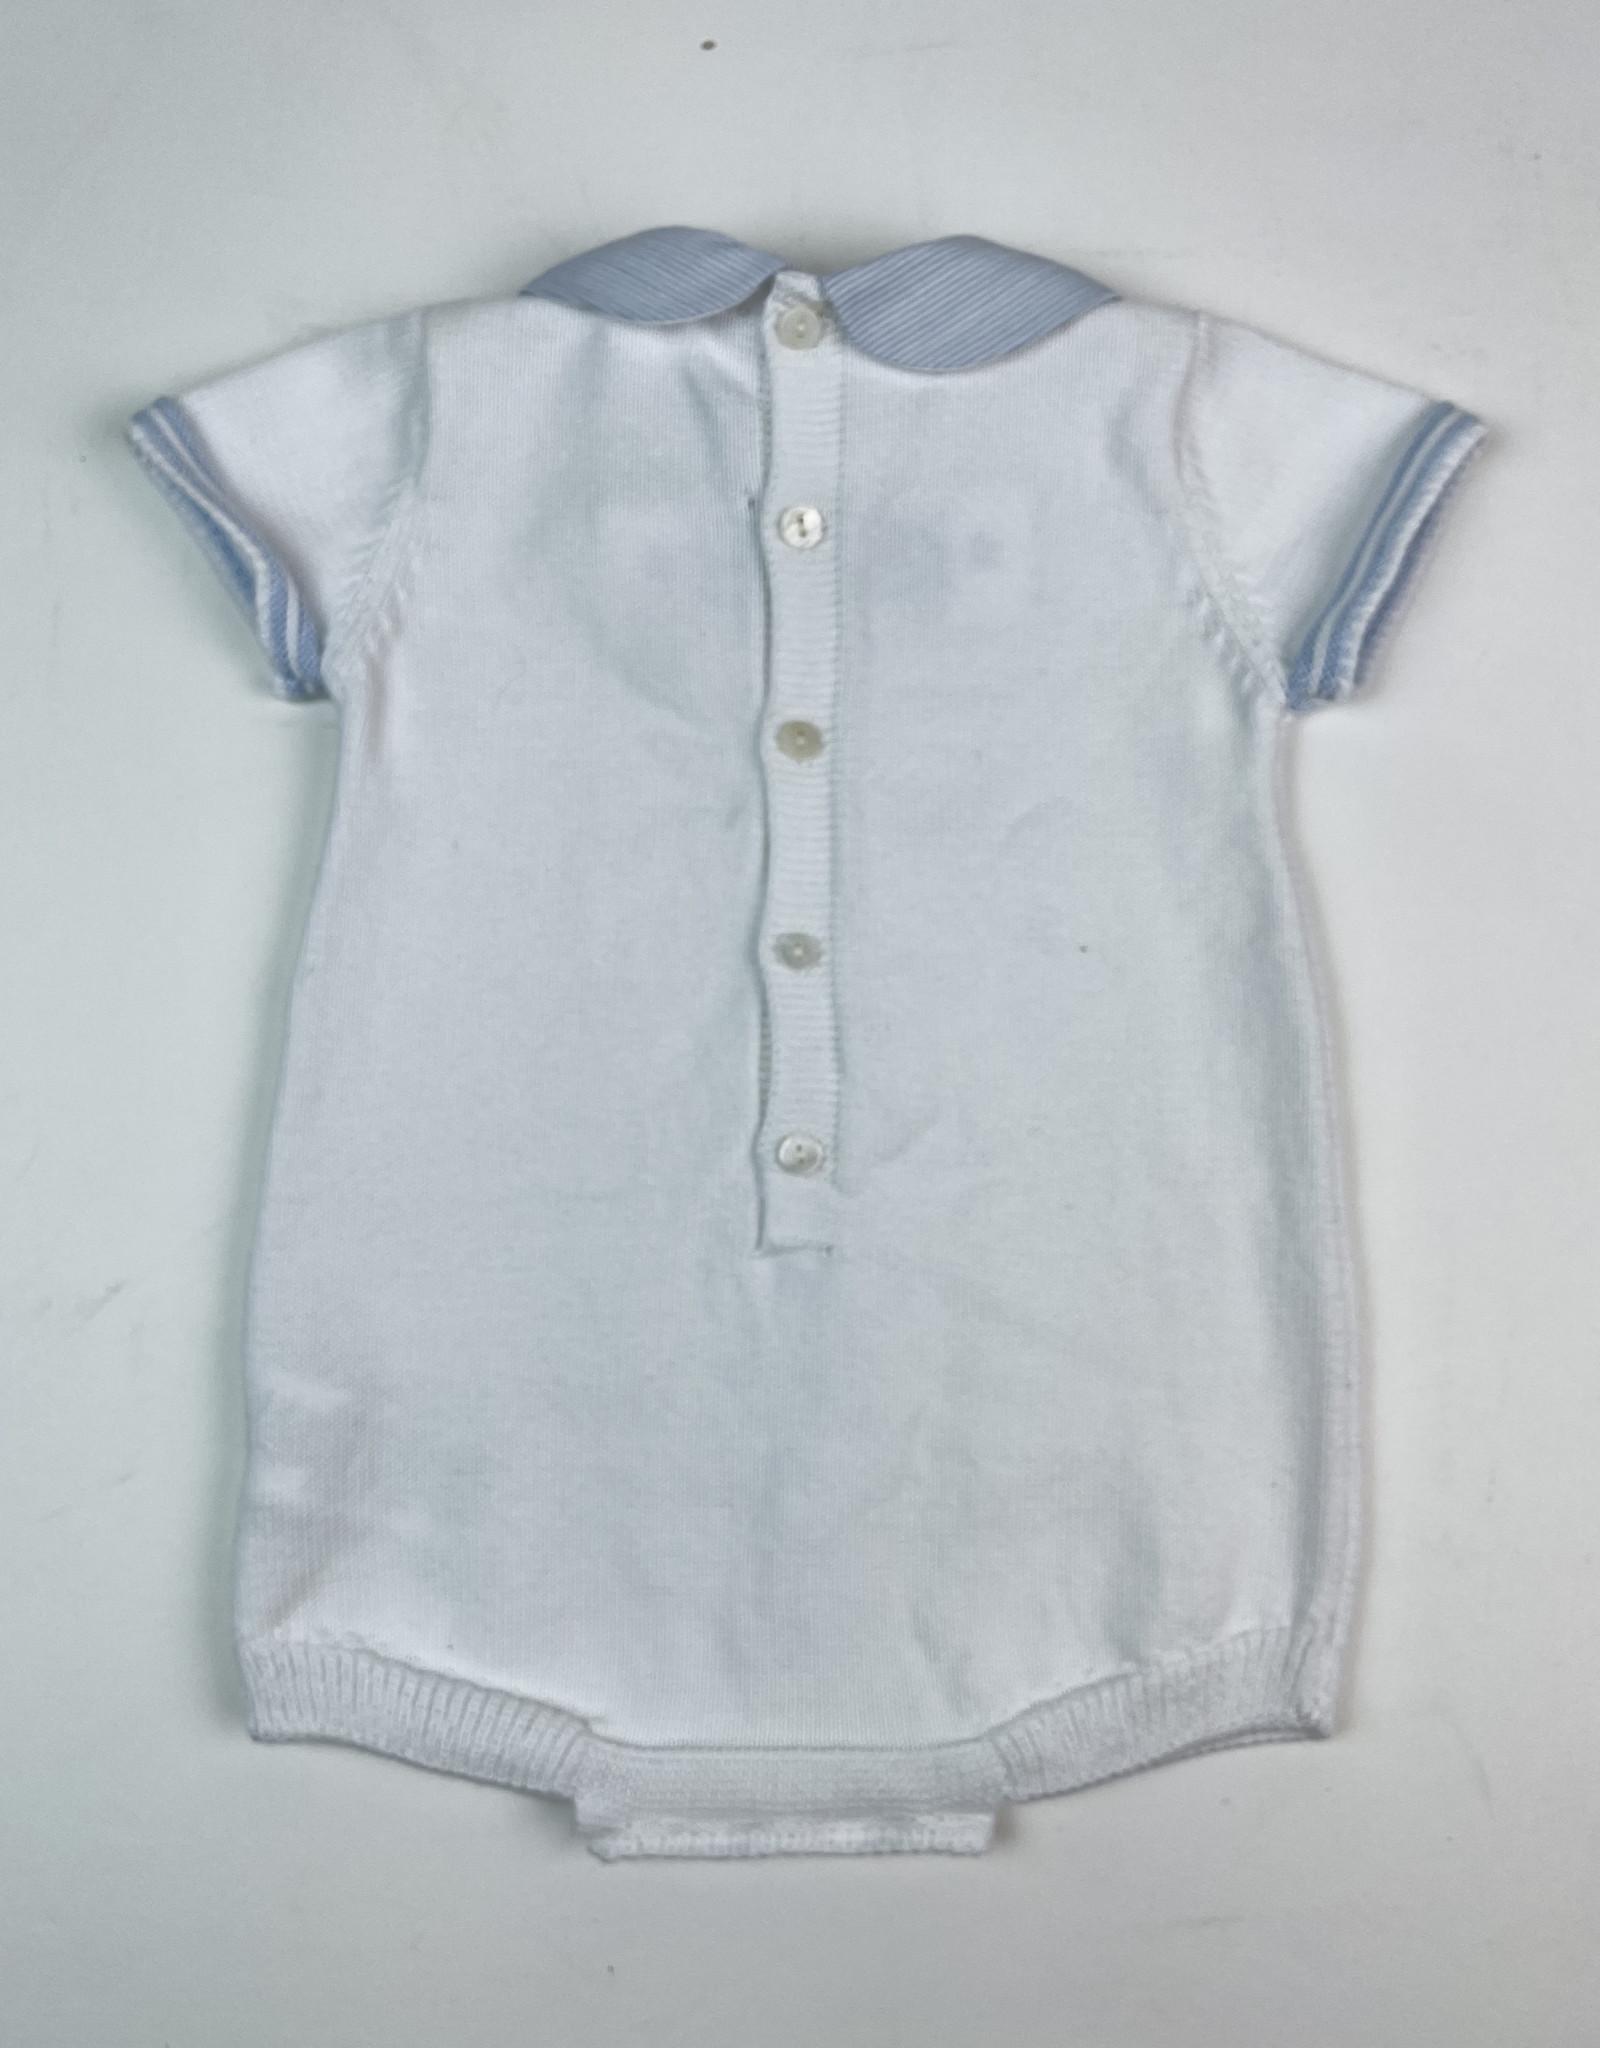 Martin Aranda Knitted Romper White with Ltblue Collar  10040